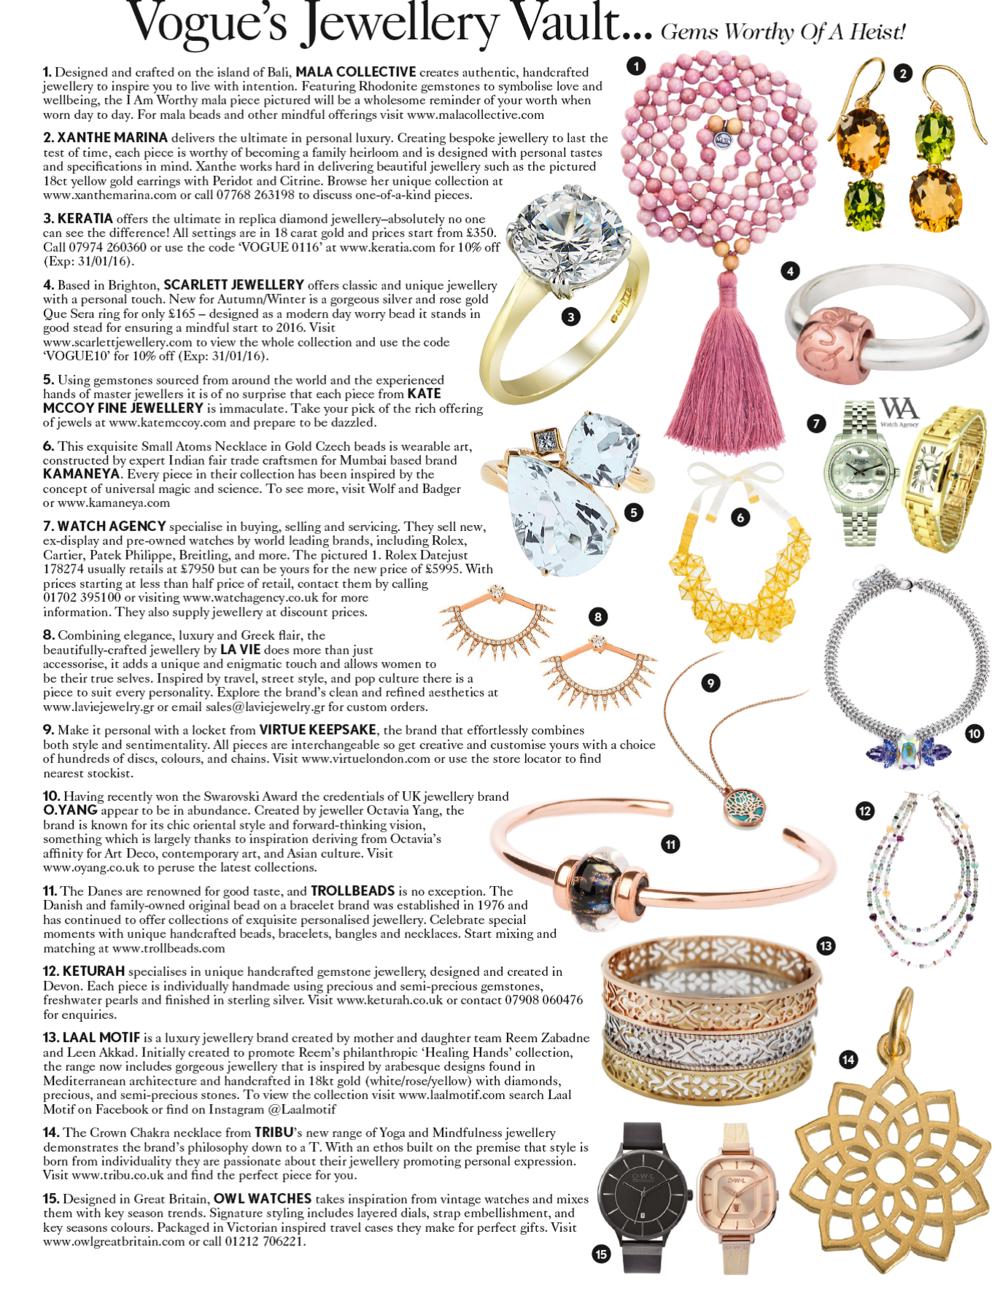 Vogue's Jewellery Vault.png